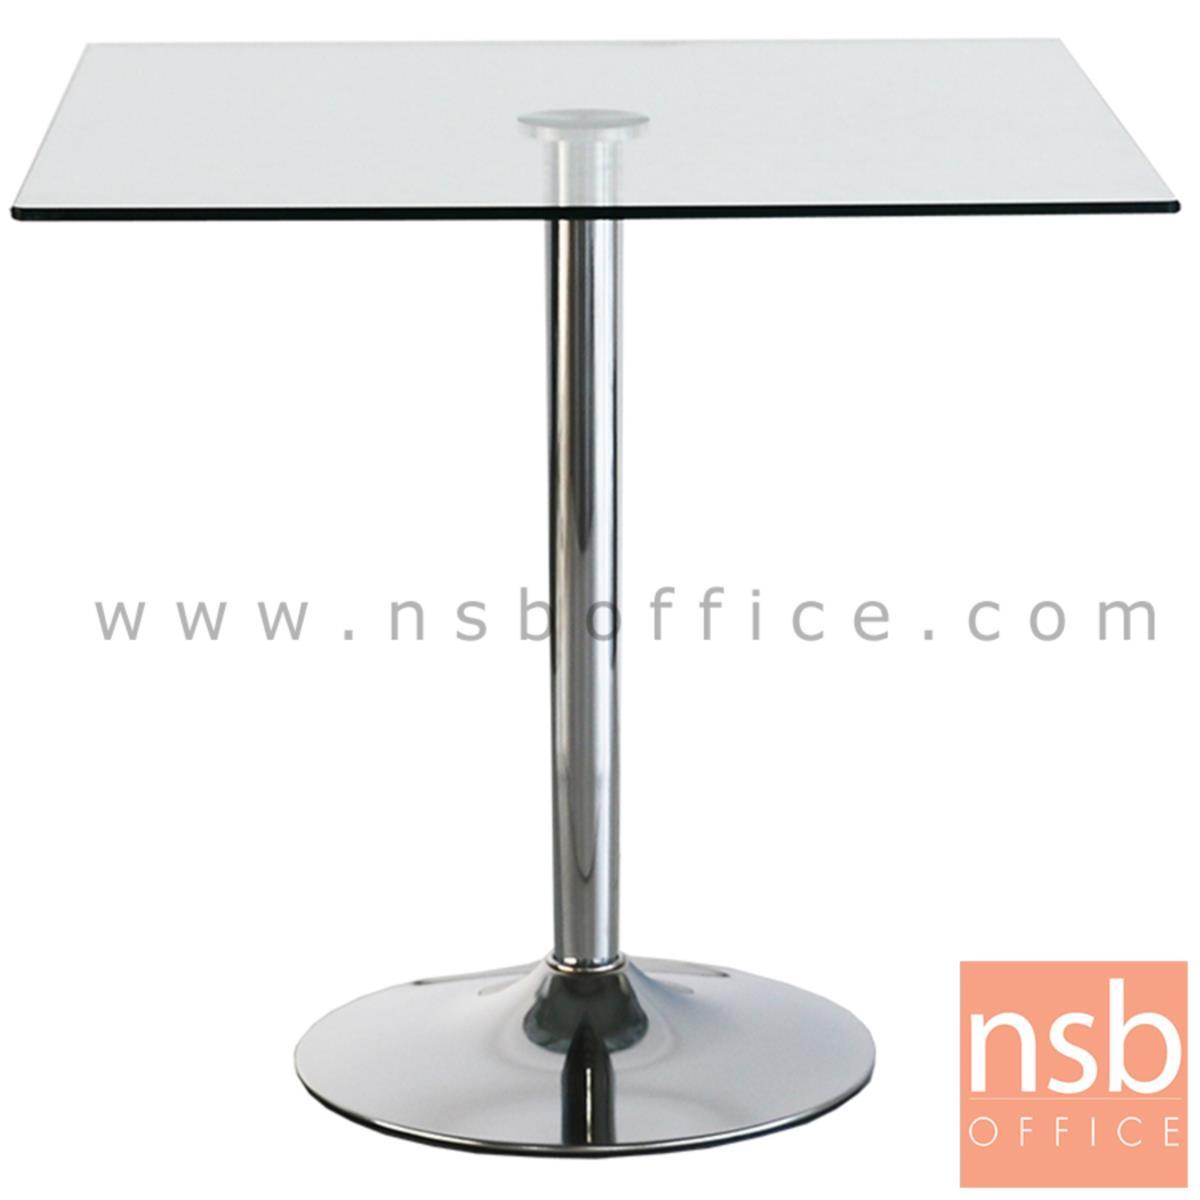 โต๊ะเหลี่ยมหน้ากระจก รุ่น PFALZ (ฟัลส์) ขนาด 65W ,80W cm. ขาอลูมิเนียม